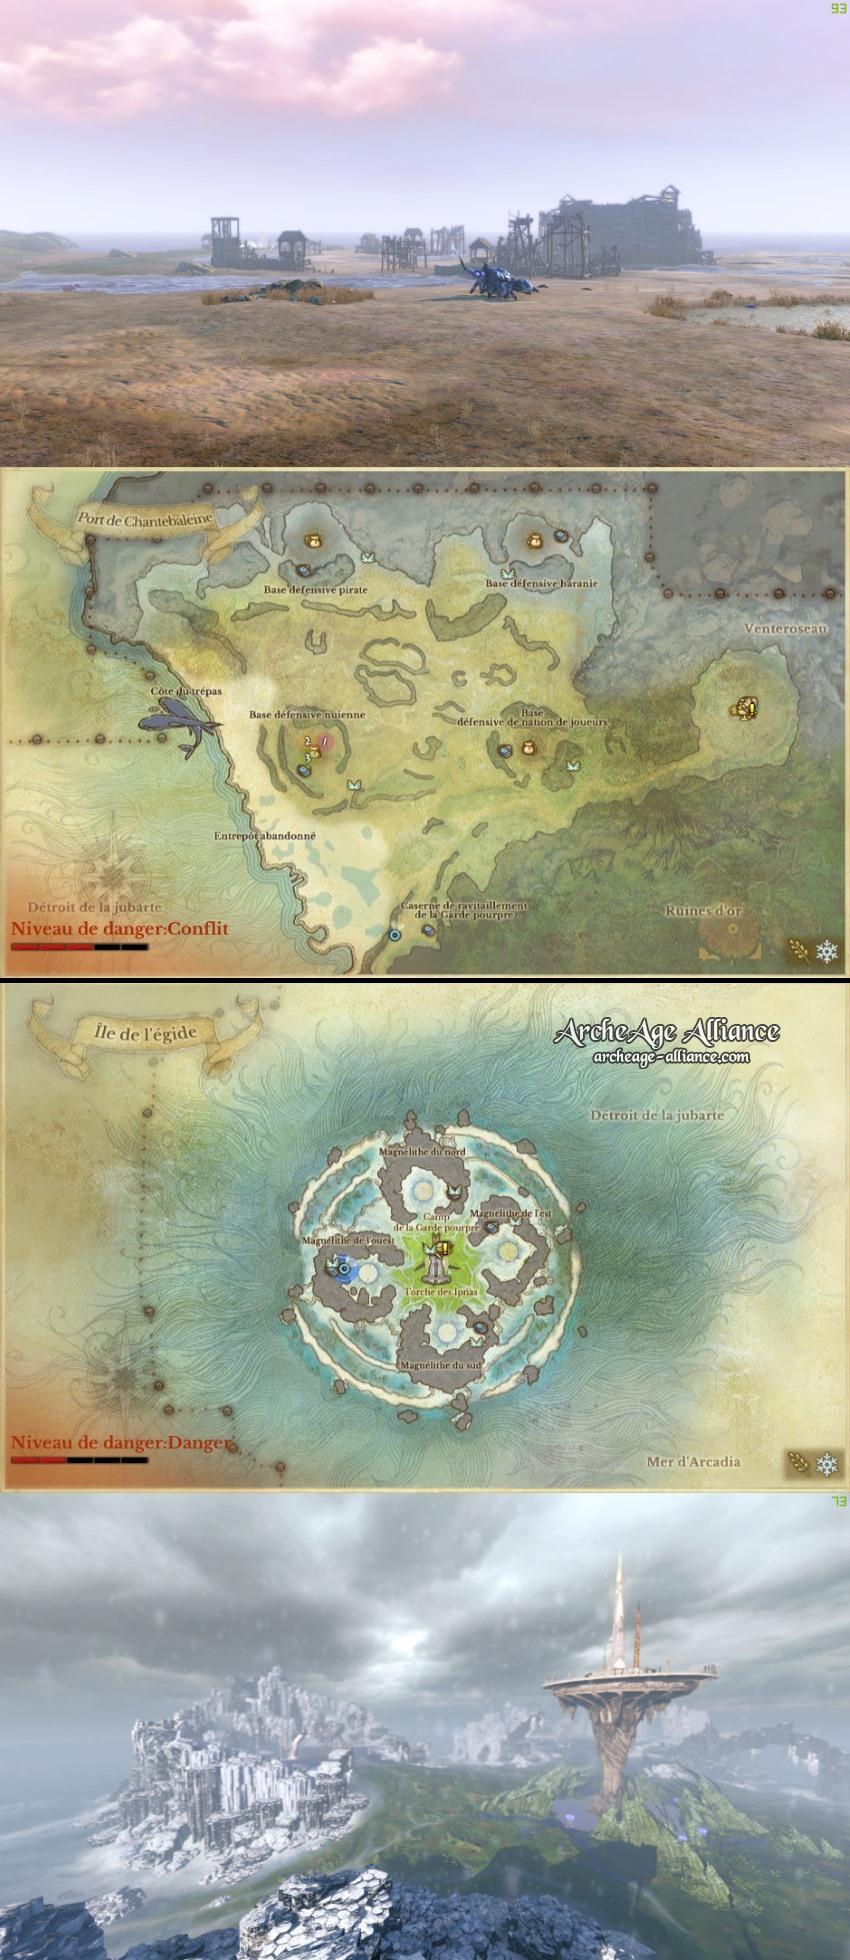 Port de Chantebaleine et Île d'égide